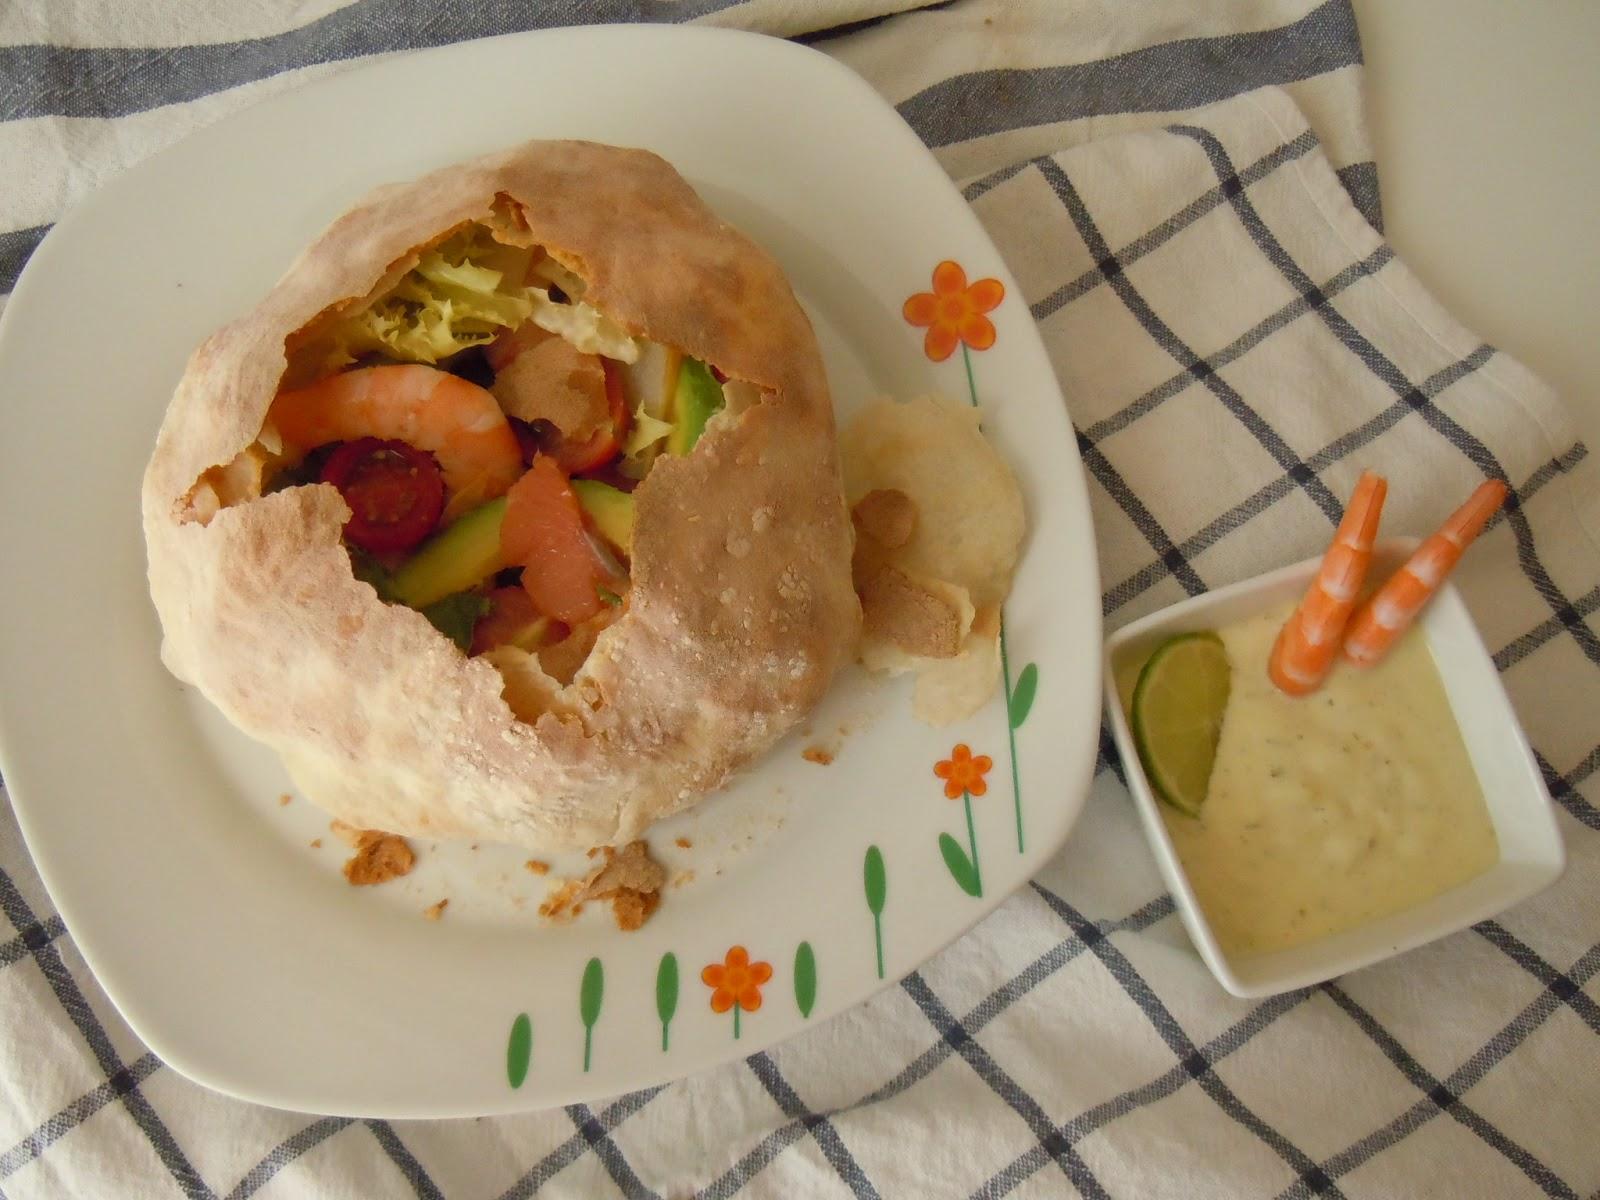 Pan Kinder con salsa vinagreta casera - Desafío en la cocina Especial verano